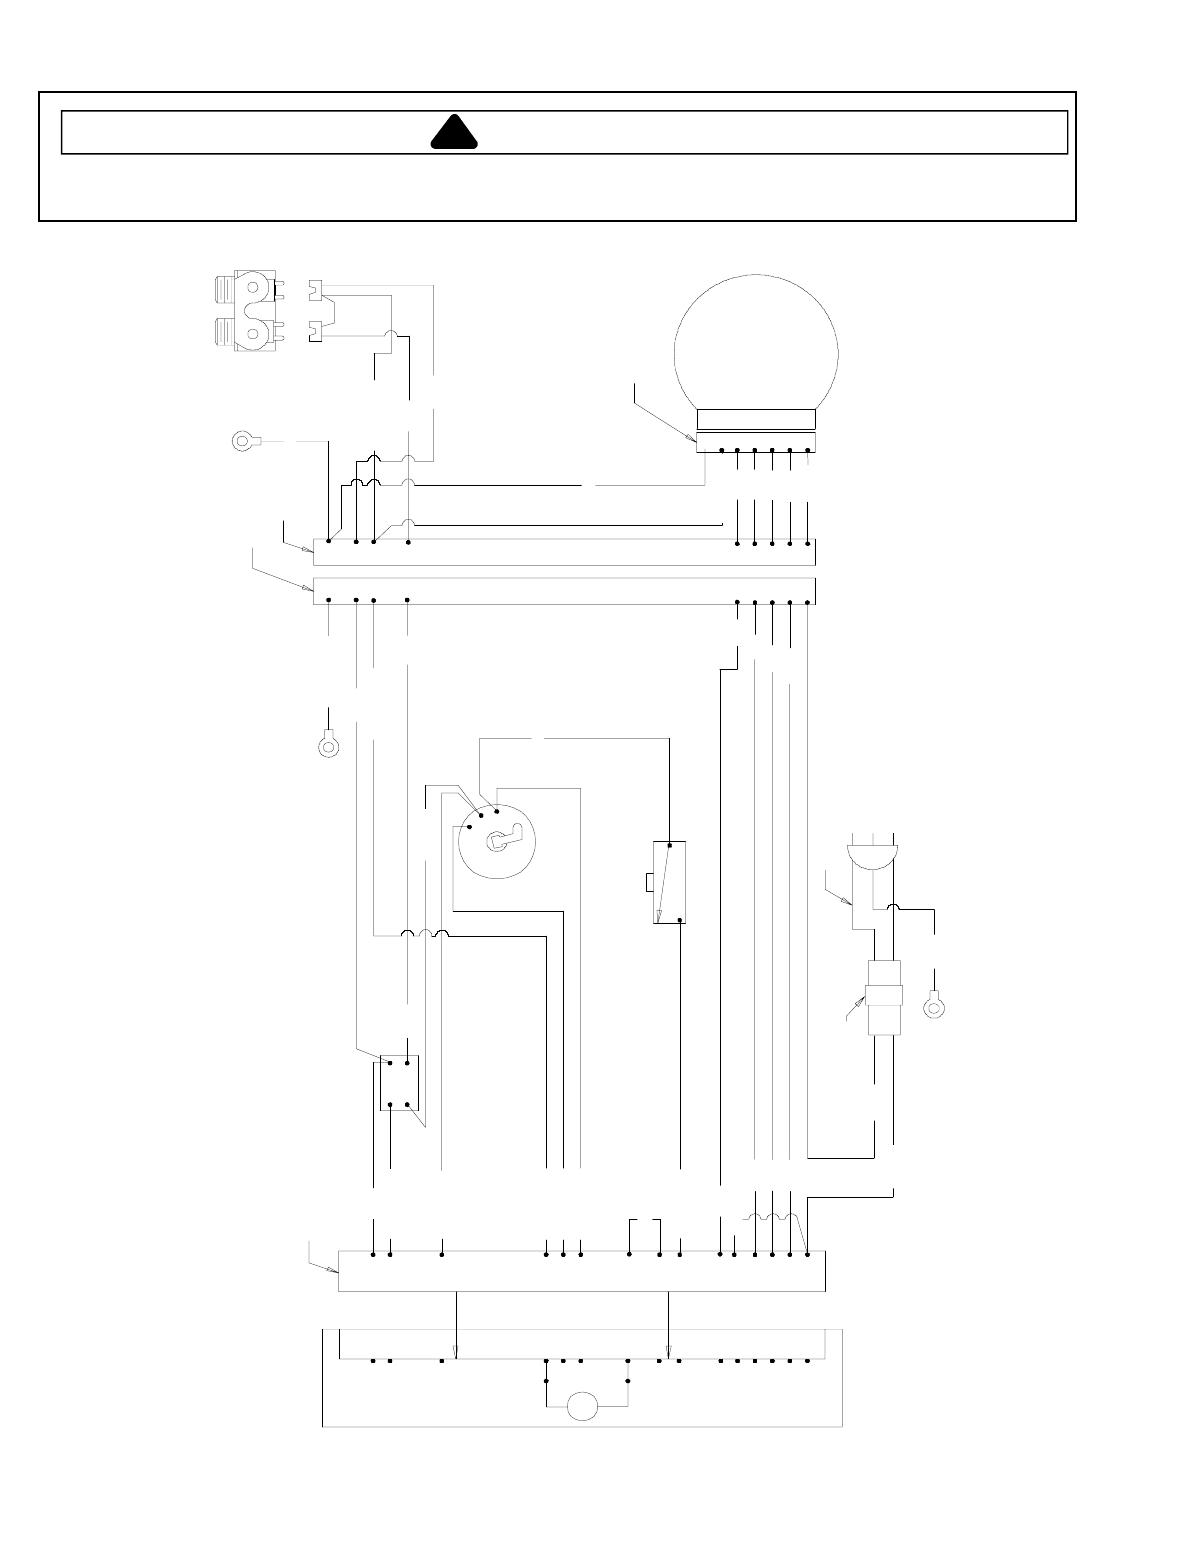 6 20r wiring diagram 5 8 spikeballclubkoeln de 6 50P Wiring Welder l6 20r wiring diagram database rh 11 eastonmass net 220 volt l6 20r wiring diagram 6 20r receptacle wiring